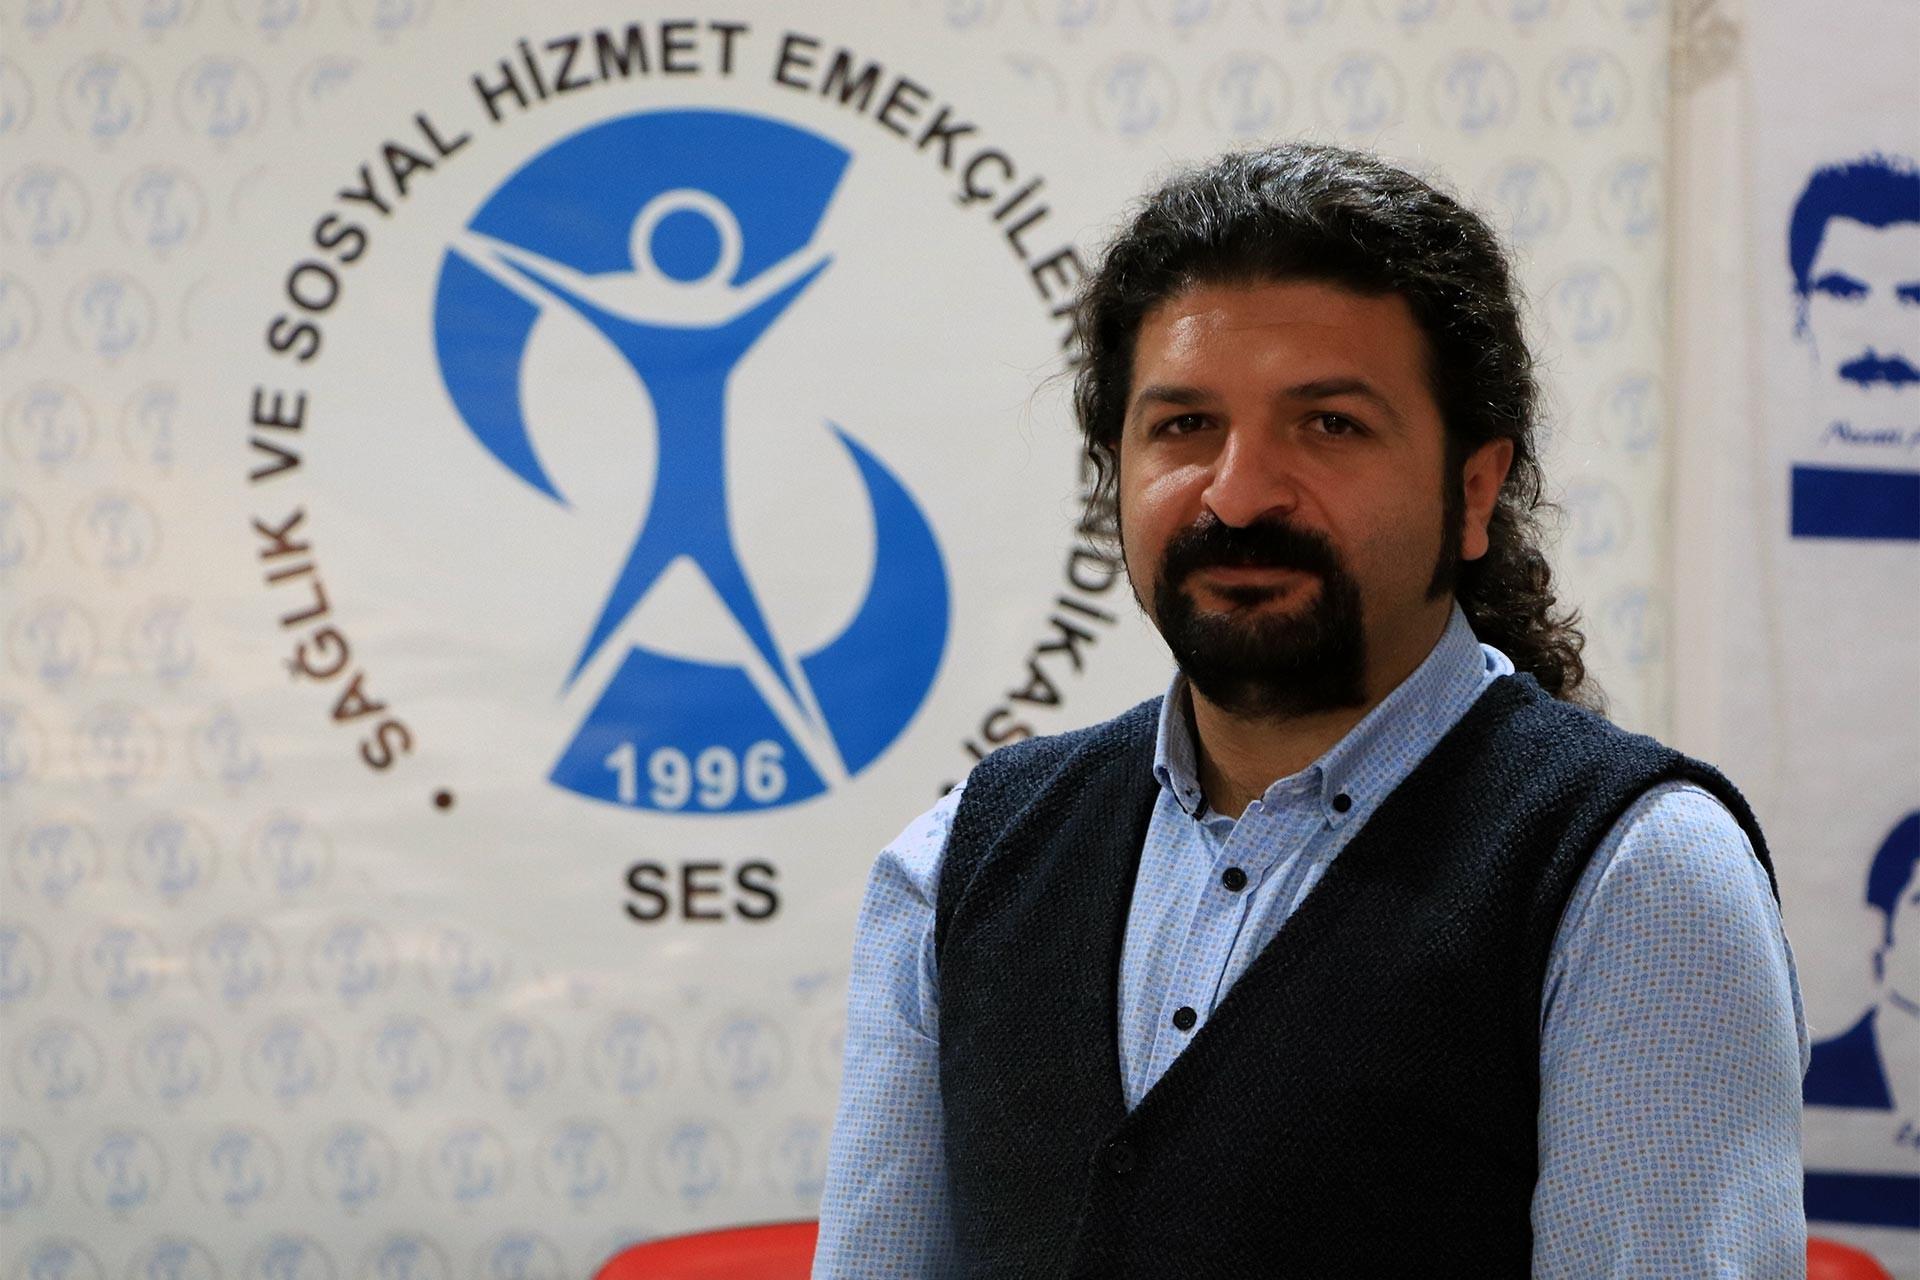 Göreve iade edilen SES Diyarbakır Şubesi Eş Başkanı Recep Oruç